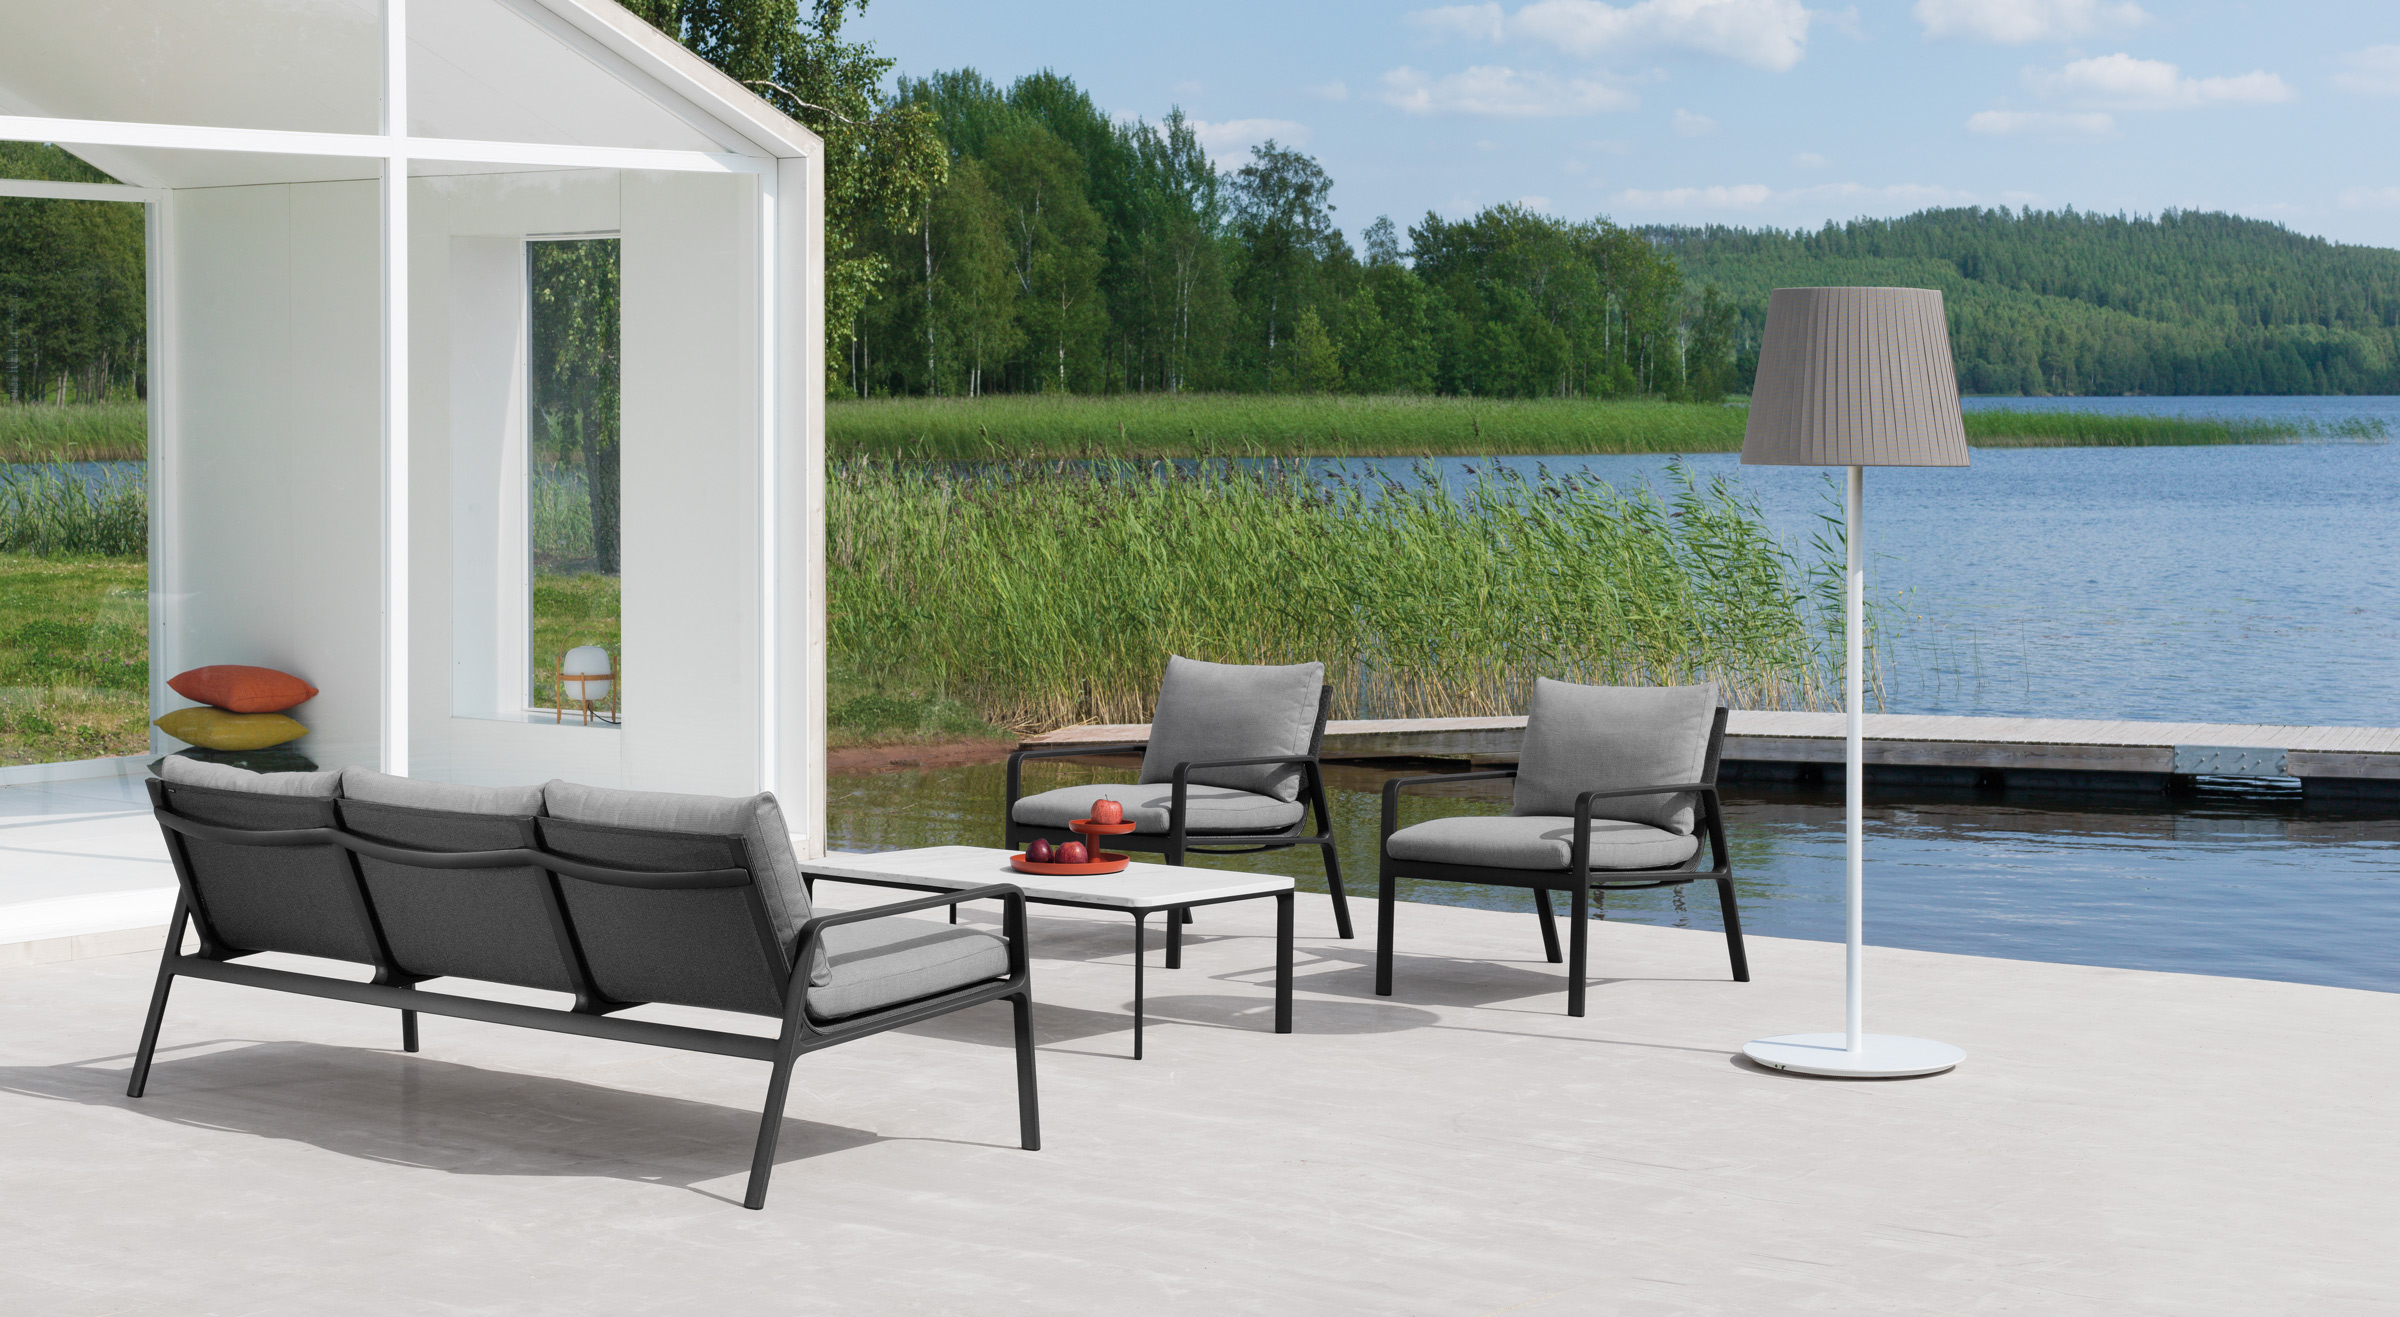 Arredamento outdoor kettal for Arredamento outdoor